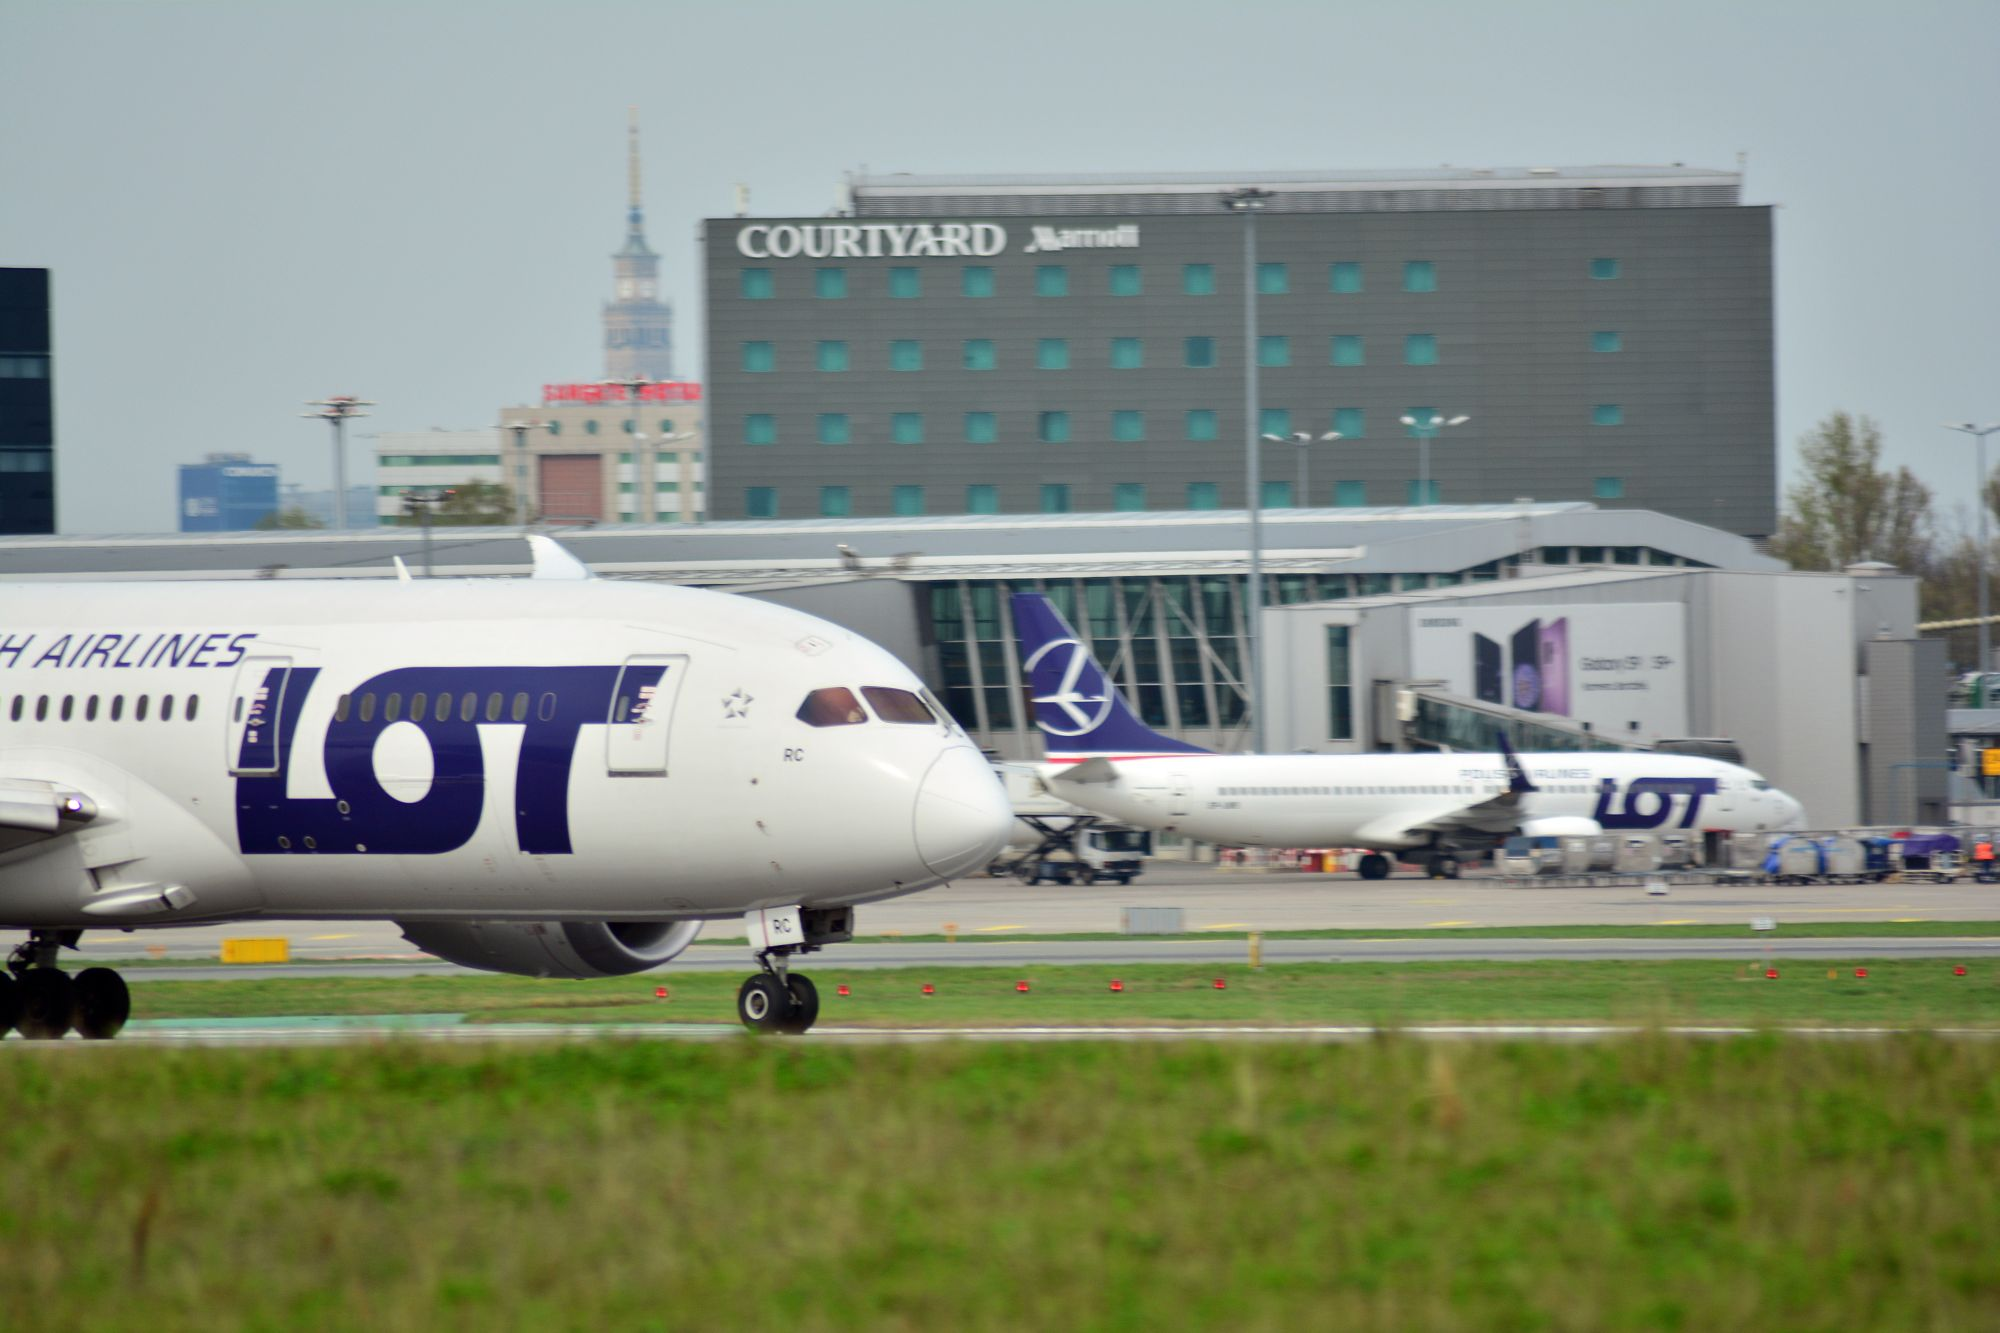 Забастовка у польских авиалиний LOT. 1 мая некоторые самолеты могут не вылететь